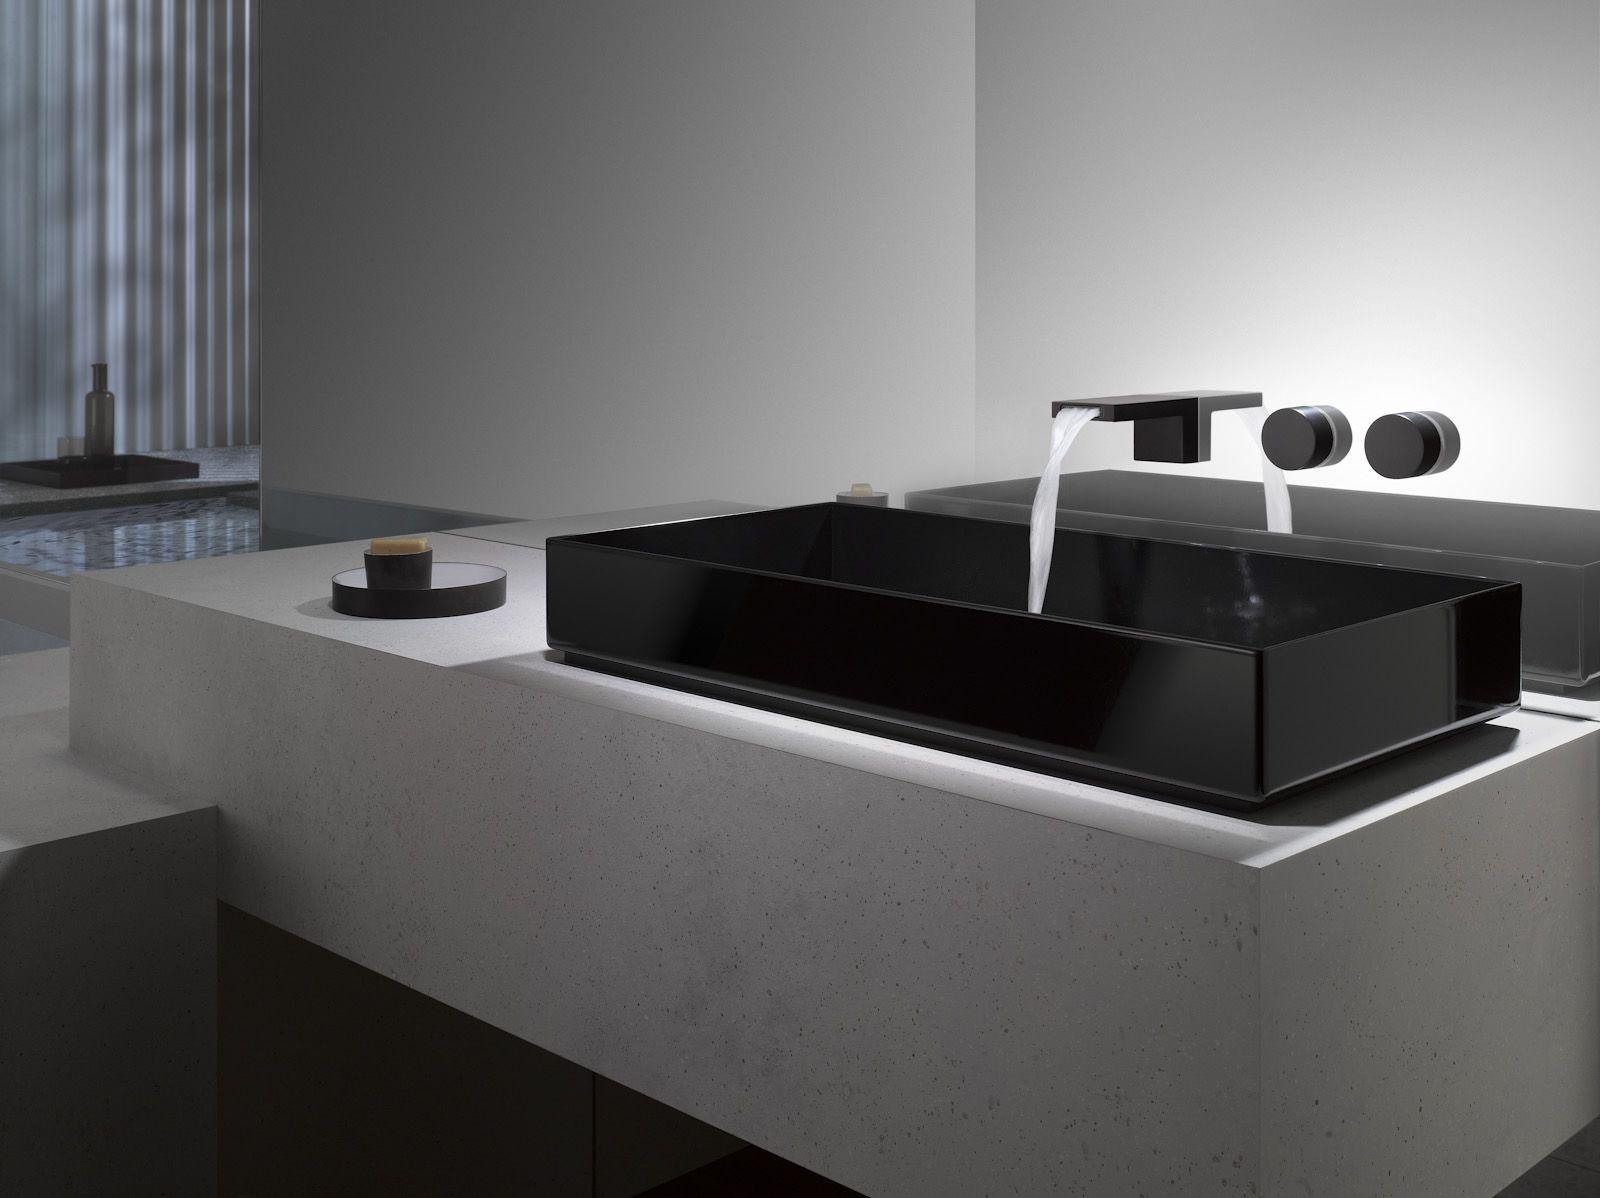 deque bad spa armatur dornbracht bathroom pinterest badezimmer und architektur. Black Bedroom Furniture Sets. Home Design Ideas